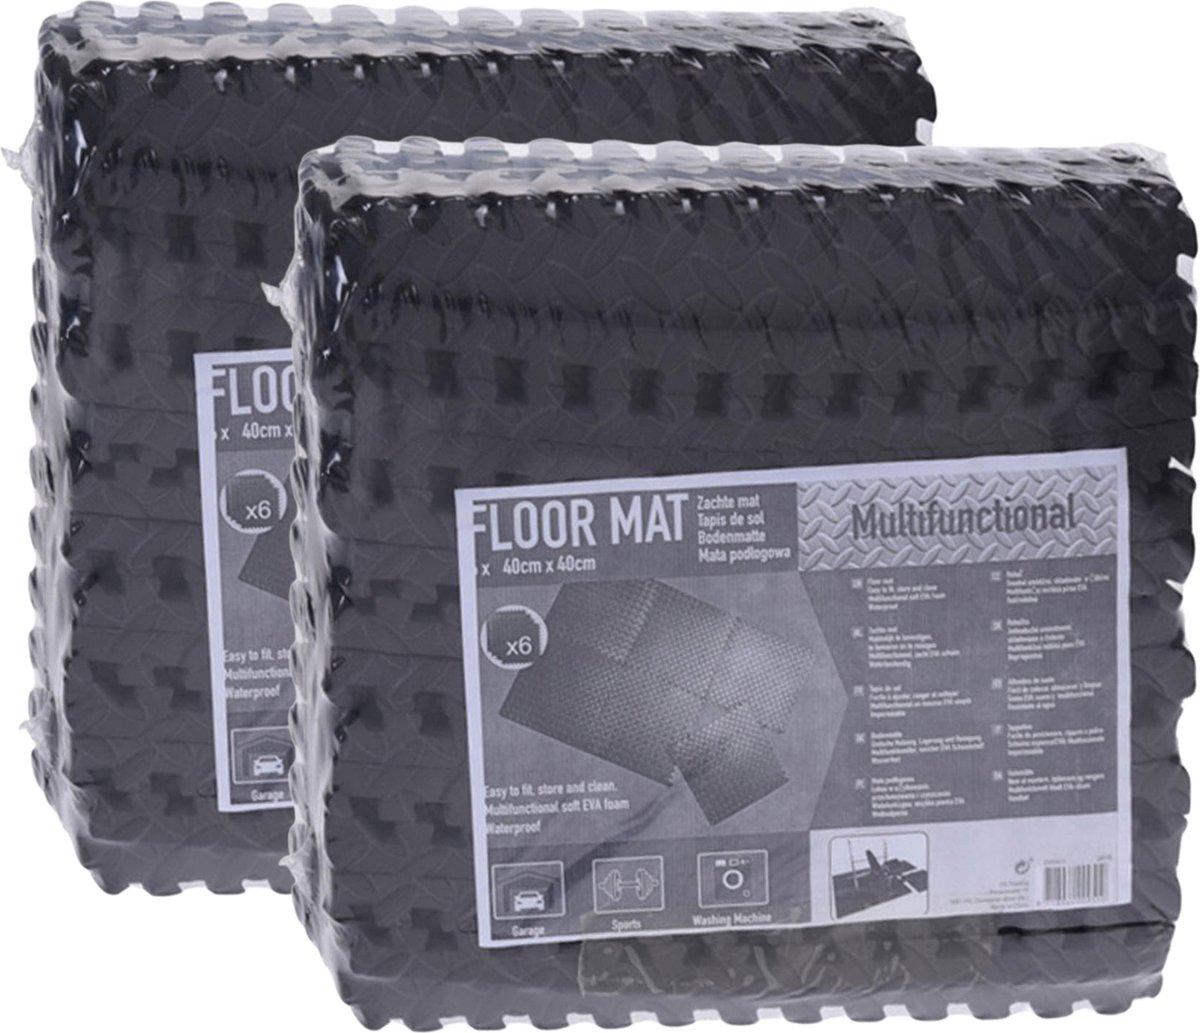 Zwembadtegels - Voordeelverpakking - 2 verpakkingen van 6 tegels - 40x40 cm